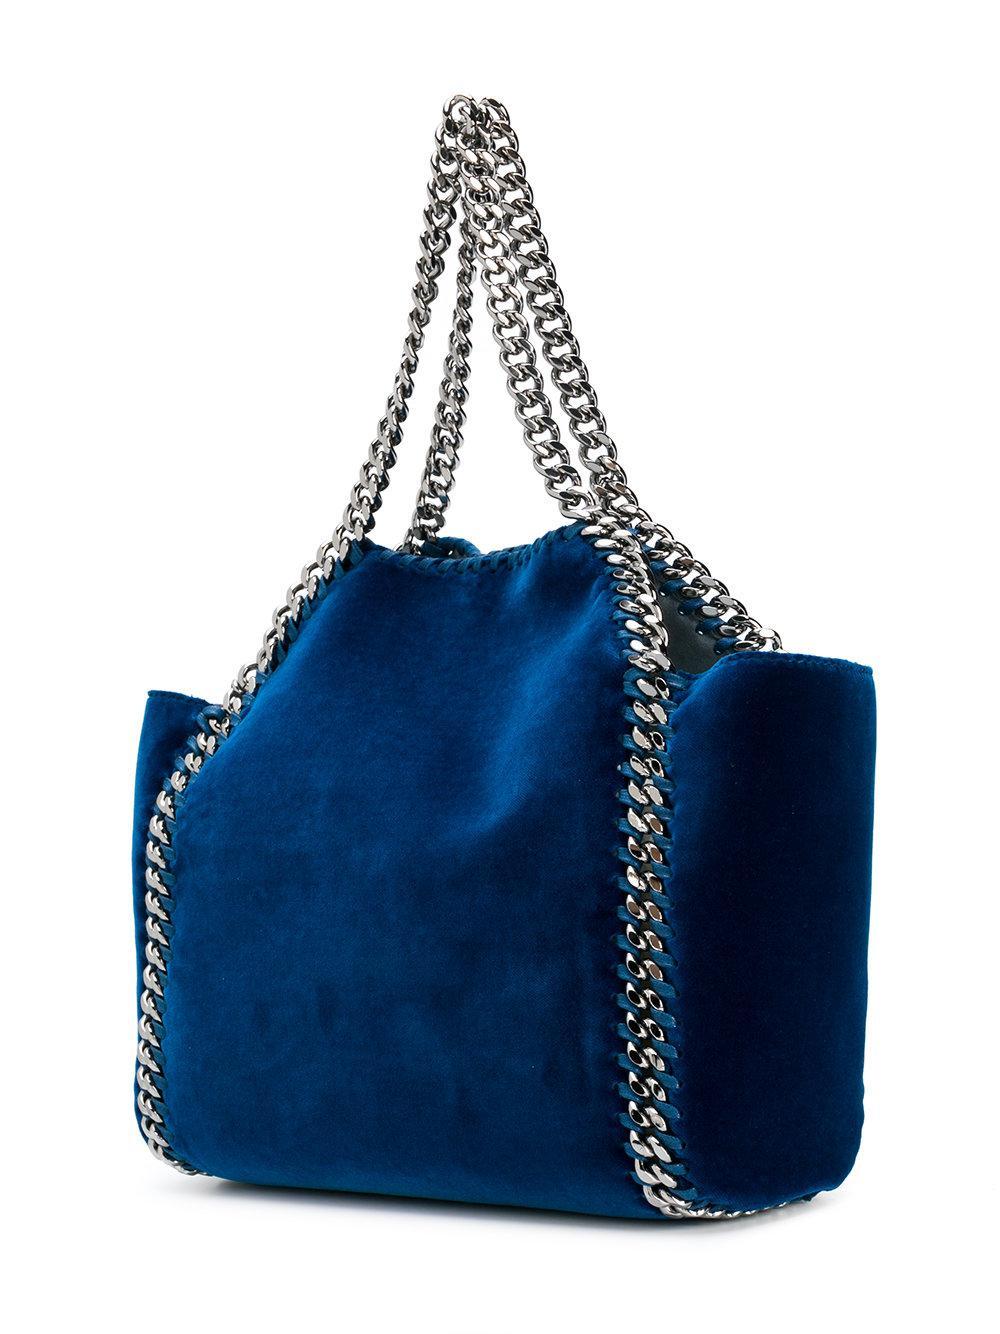 Stella McCartney Velvet Falabella Tote Bag in Blue